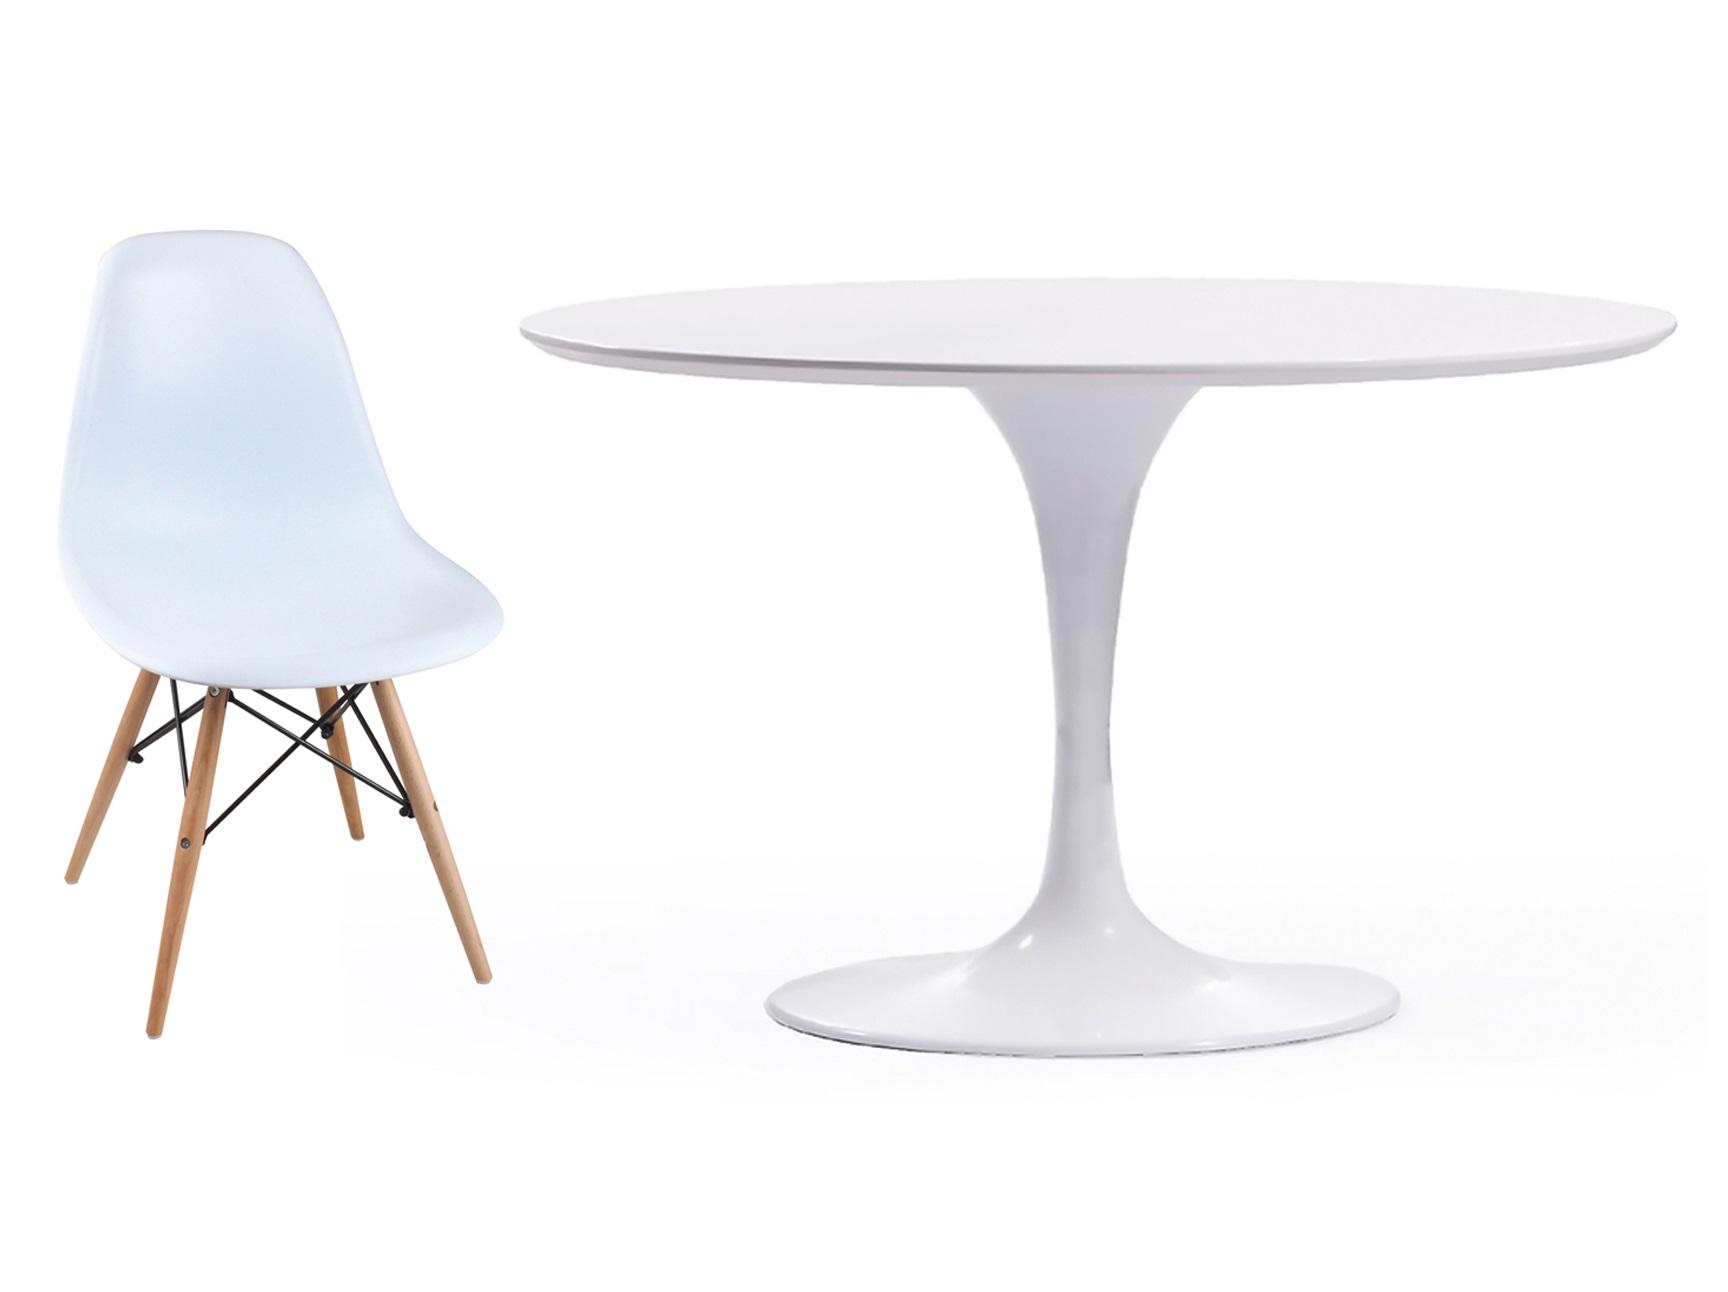 Обеденная группа Apriori T (стол + 4 стула)Комплекты для столовой<br>&amp;lt;div&amp;gt;Обеденный круглый стол с лаконичным основанием из акрилового камня и стулья Eames на деревянных ножках. Классика скандинавского дизайна!&amp;lt;/div&amp;gt;&amp;lt;div&amp;gt;&amp;lt;br&amp;gt;&amp;lt;/div&amp;gt;&amp;lt;div&amp;gt;Размеры стола: 105/77 см&amp;lt;/div&amp;gt;&amp;lt;div&amp;gt;&amp;lt;span style=&amp;quot;font-size: 14px;&amp;quot;&amp;gt;Материал стола: акриловый камень&amp;amp;nbsp;&amp;lt;/span&amp;gt;&amp;lt;br&amp;gt;&amp;lt;/div&amp;gt;&amp;lt;div&amp;gt;Размеры стула: 44/46/80 см&amp;lt;/div&amp;gt;&amp;lt;div&amp;gt;Материал стула: пластик&amp;lt;/div&amp;gt;<br><br>Material: Дерево<br>Length см: None<br>Width см: None<br>Height см: 77<br>Diameter см: 105